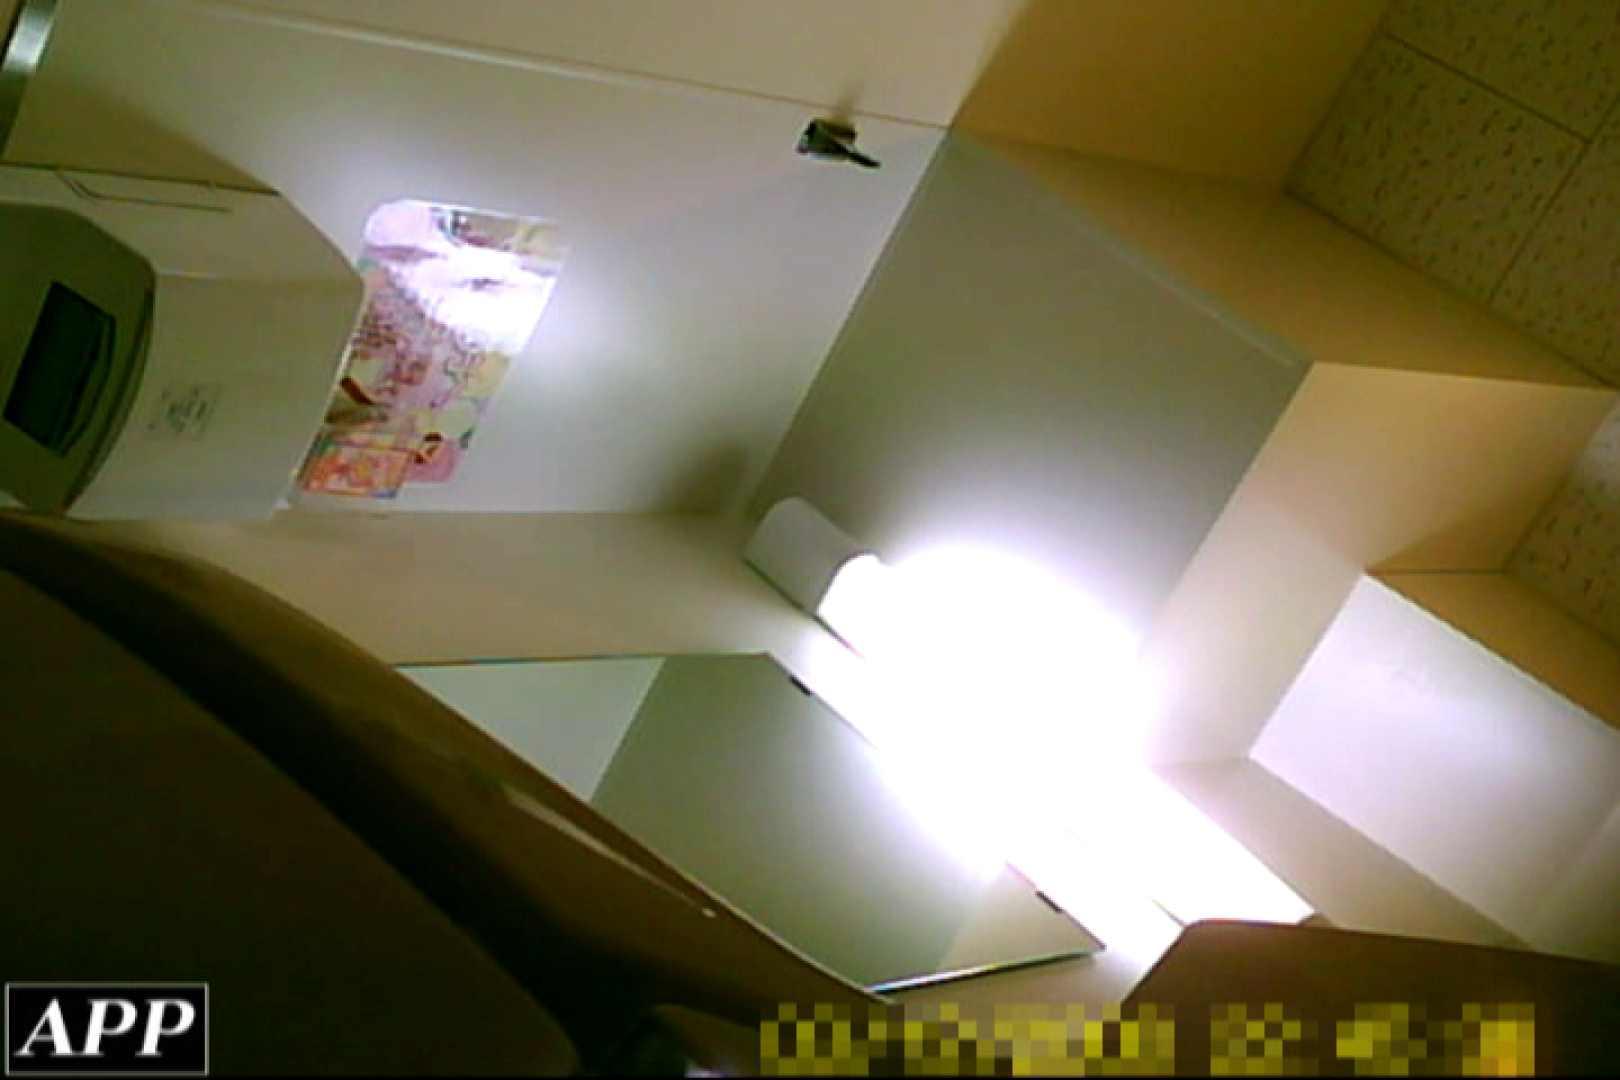 3視点洗面所 vol.12 OLの実態 盗撮ワレメ無修正動画無料 56pic 8